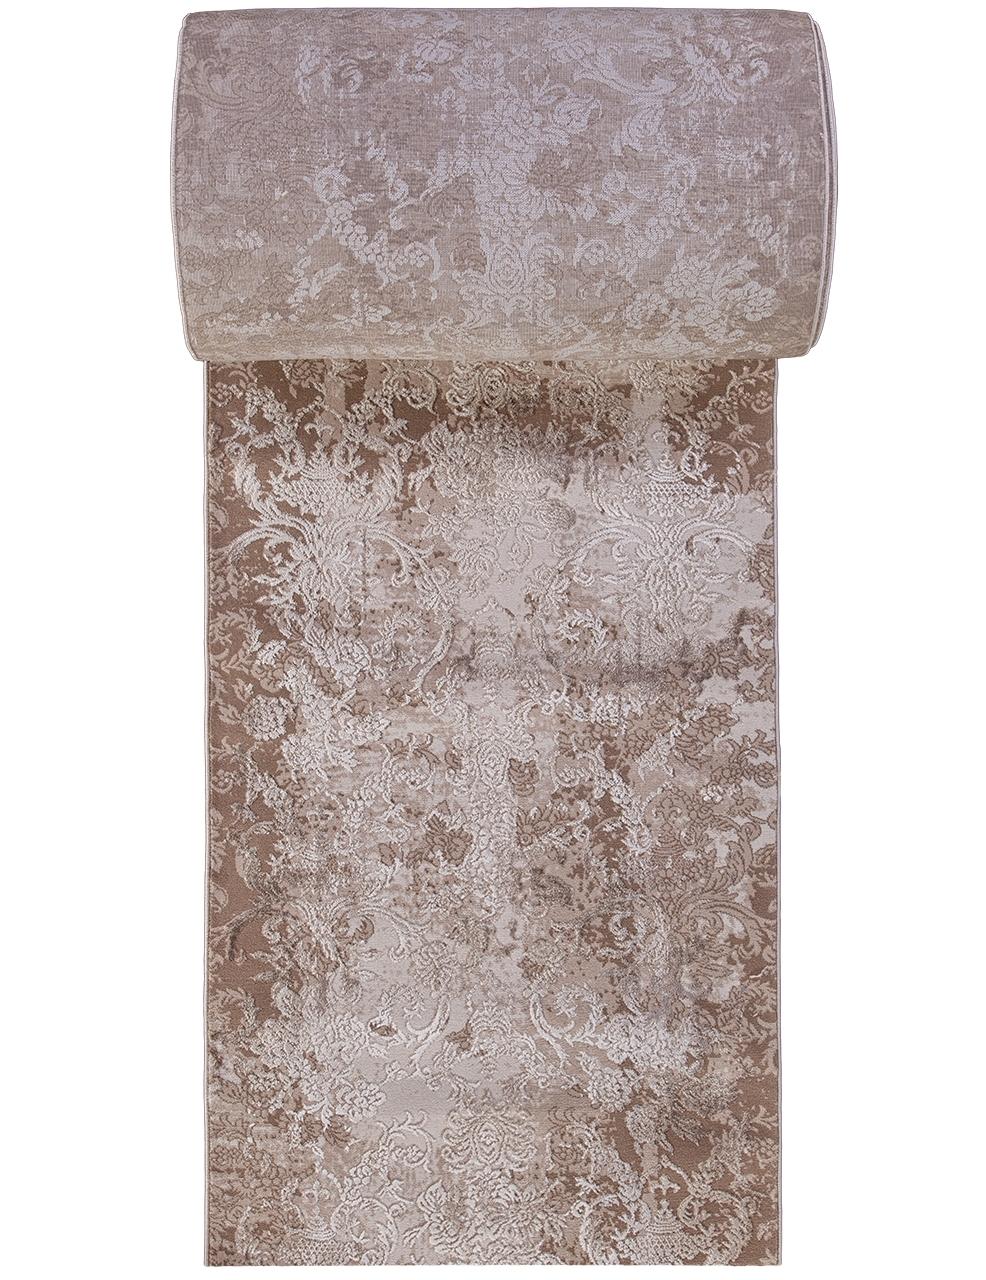 Ковровая дорожка 03708A - BROWN / BROWN - коллекция ARMINA - фото 2